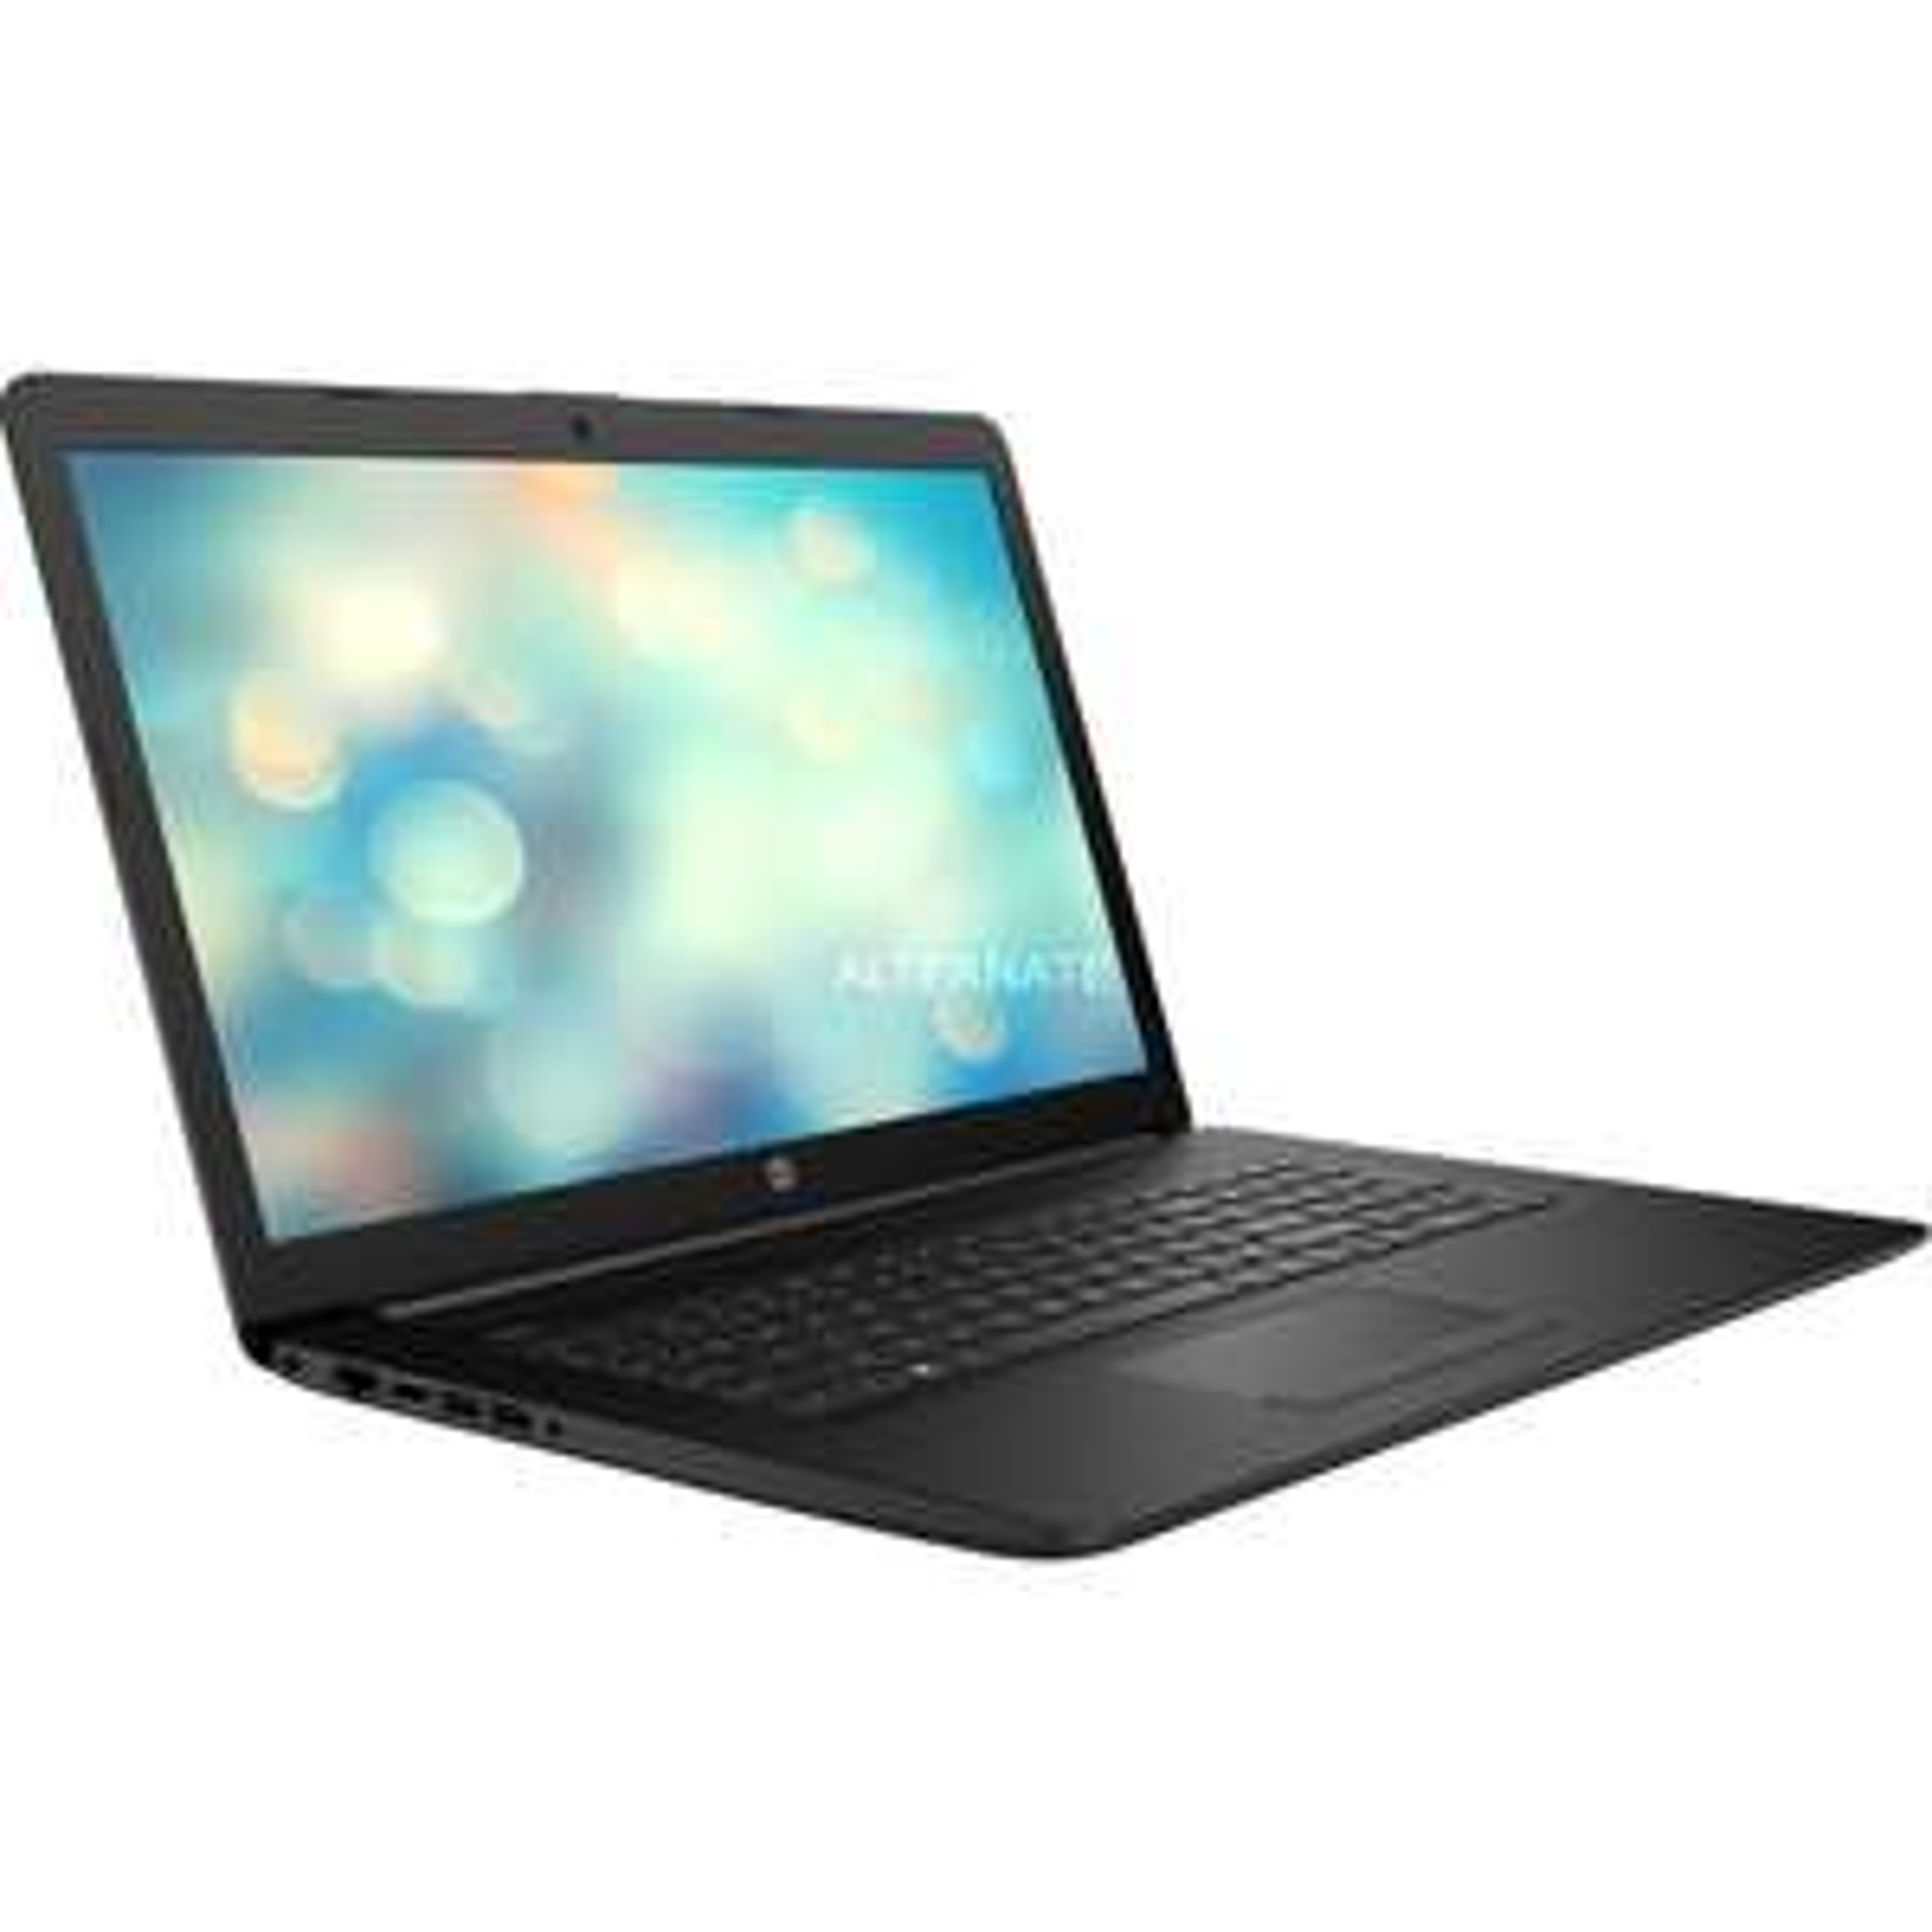 """Precommande : PC Portable 17.3"""" HP - AMD Ryzen 5 3500U, 8 Go RAM DDR4, 256 Go SSD, Vega8, Freedos, Clavier QWERTZ"""